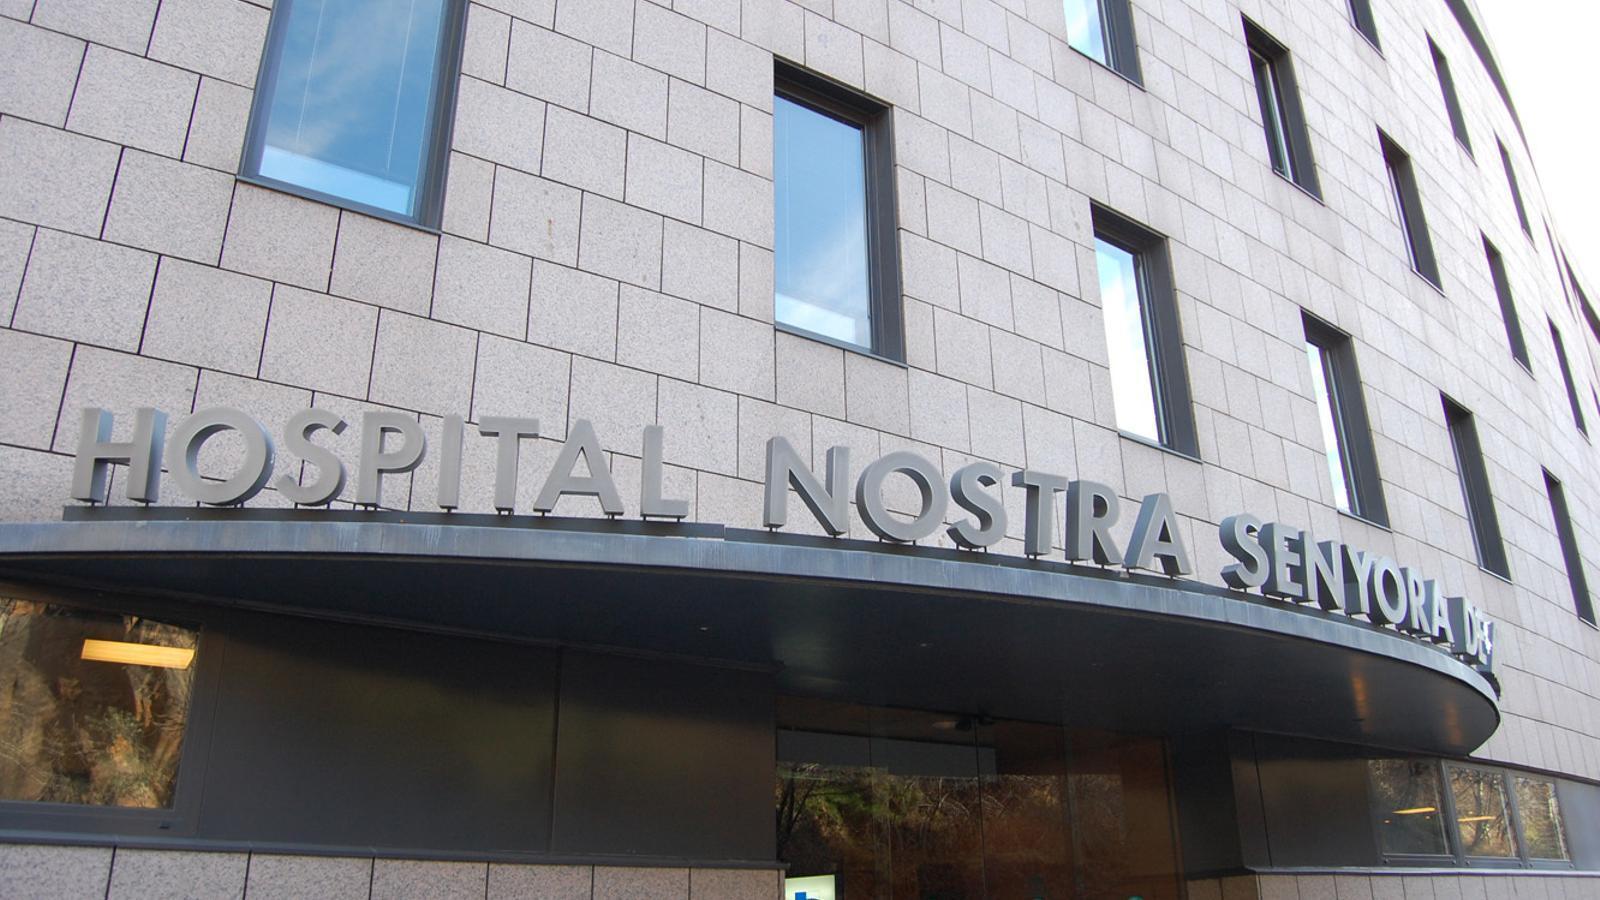 Entrada a Urgències de l'Hospital Nostra Senyora de Meritxell. / ARXIU ANA